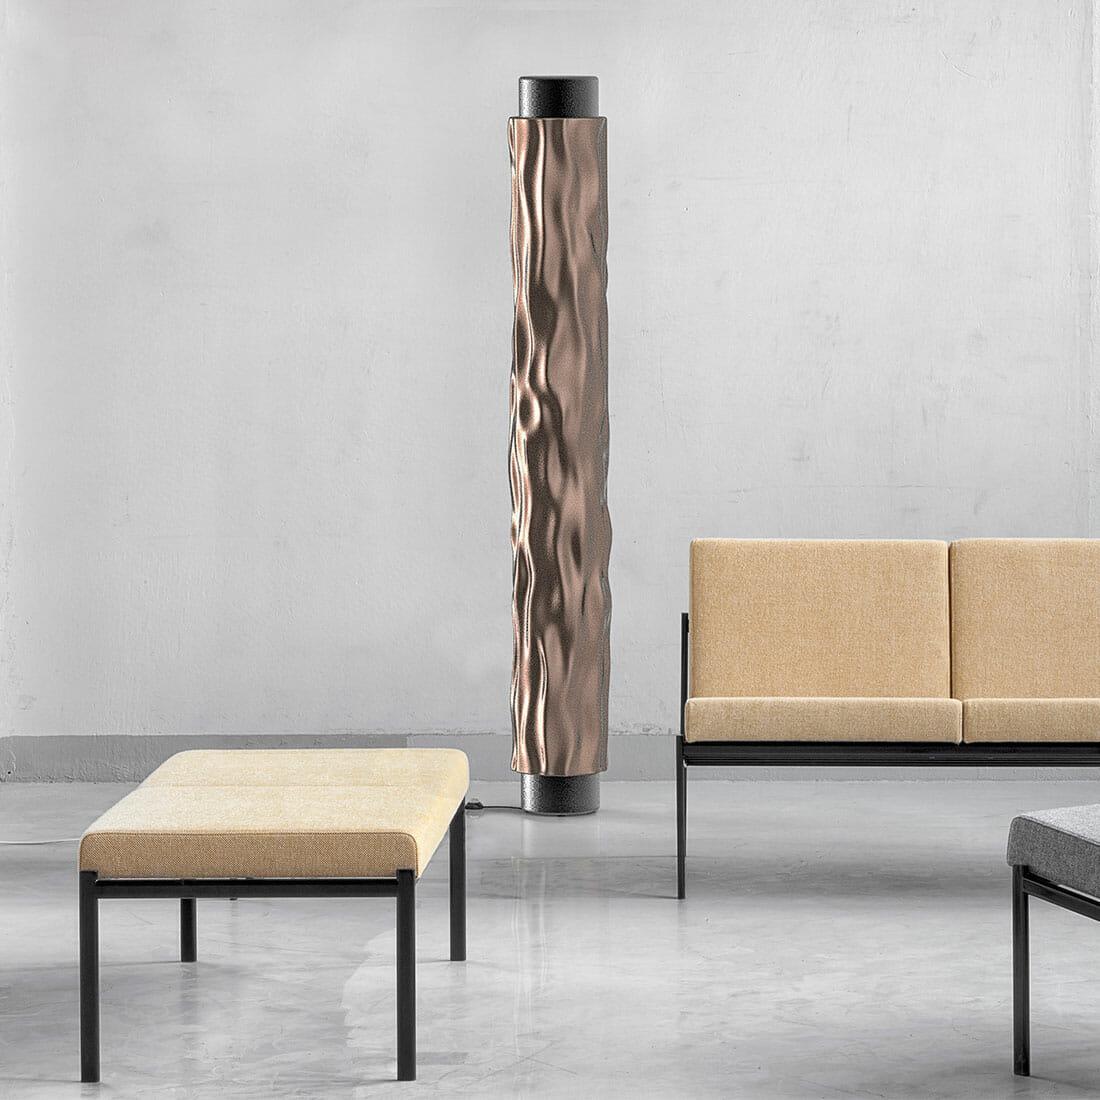 Fluid Light Design by ALberto De Siati